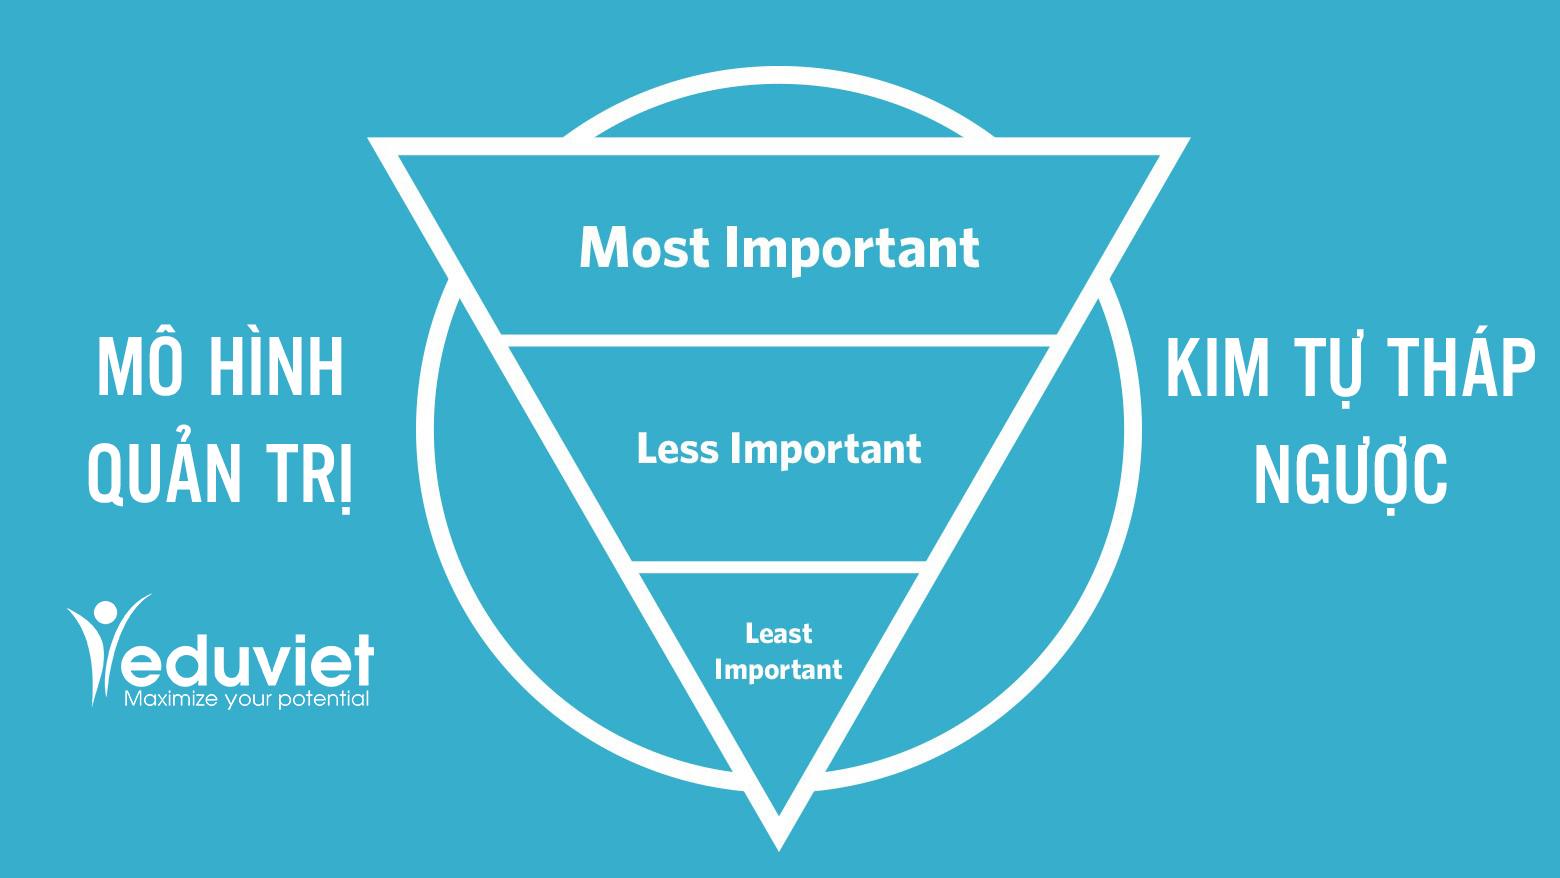 Mô hình quản trị Kim tự tháp ngược